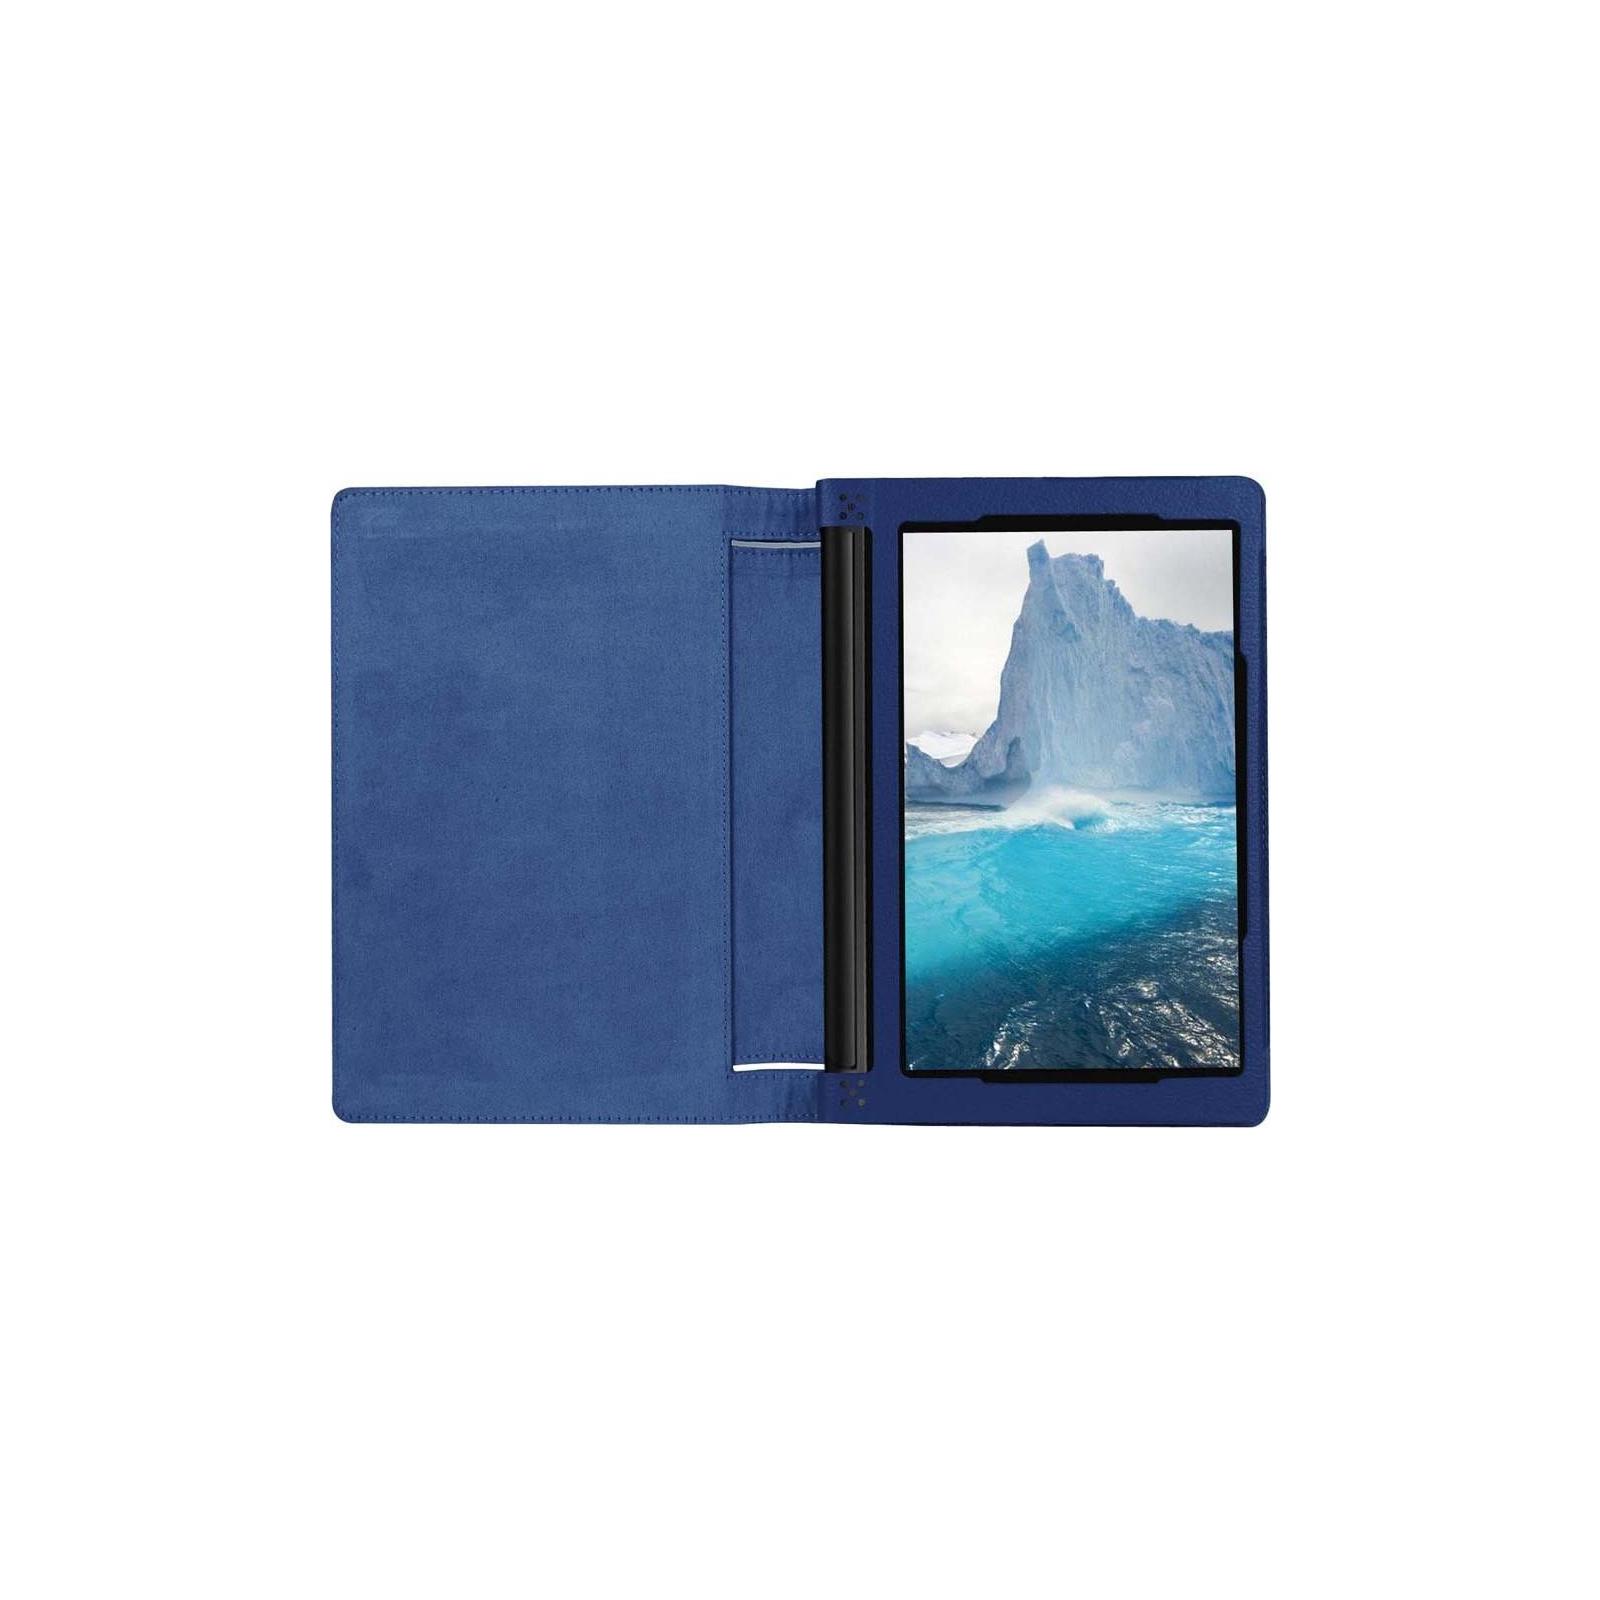 Чехол для планшета AirOn для Lenovo YOGA Tablet 3 8'' blue (4822352770303) изображение 5